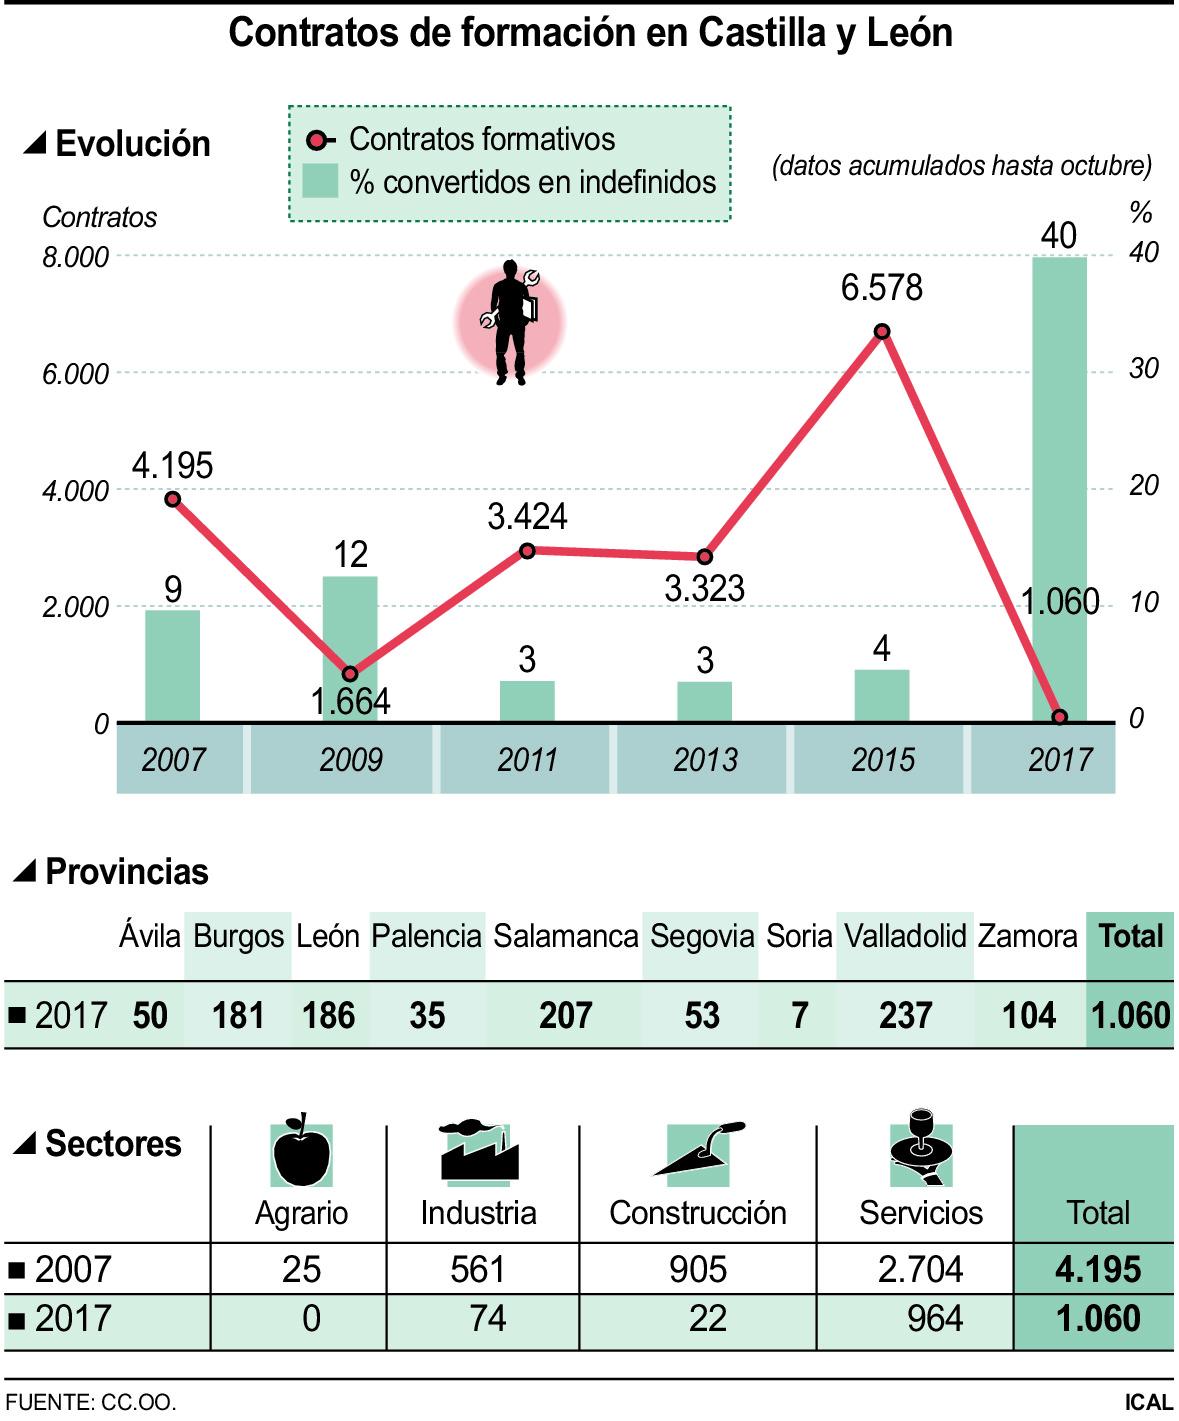 Contratos de formación en Castilla y León